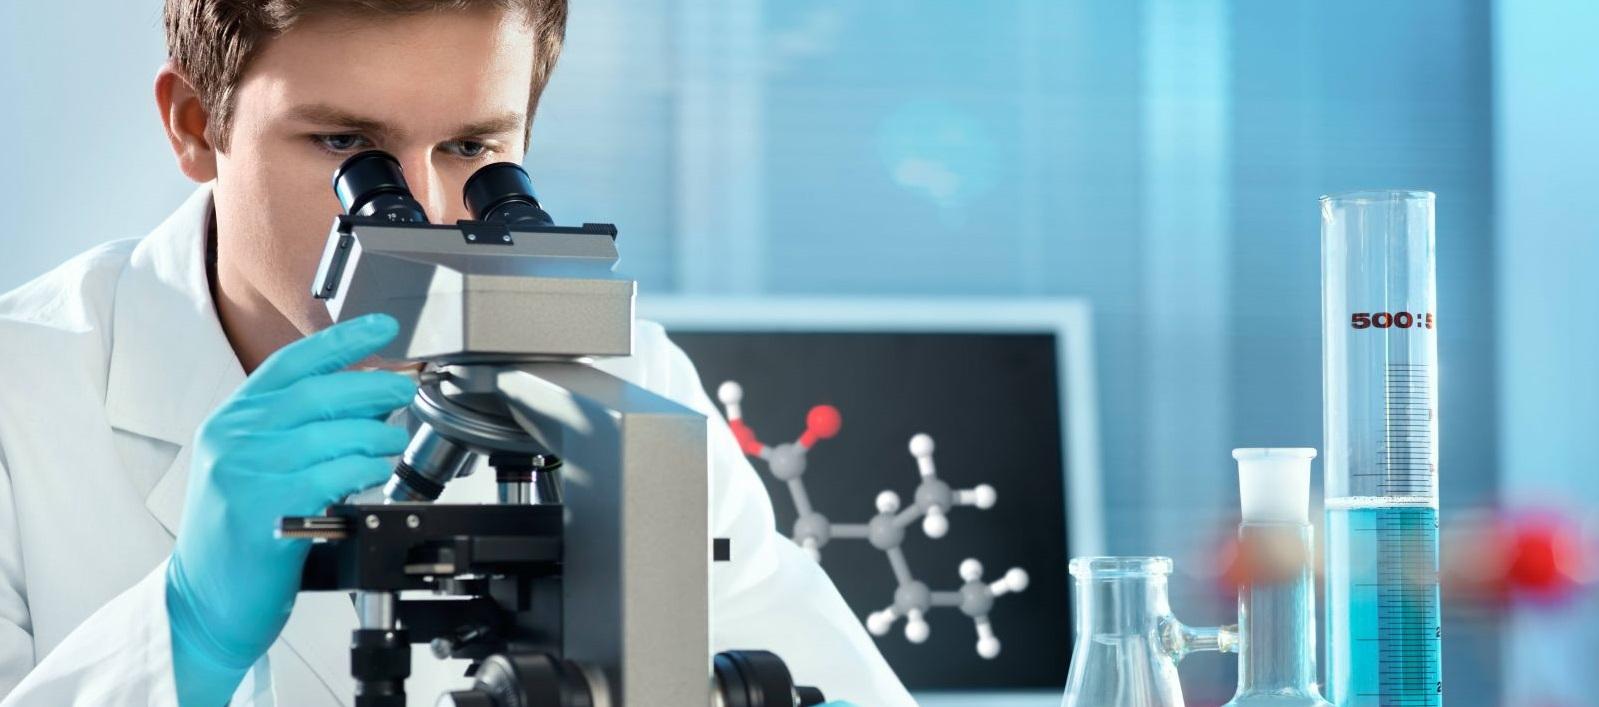 диагностика, лаборатория